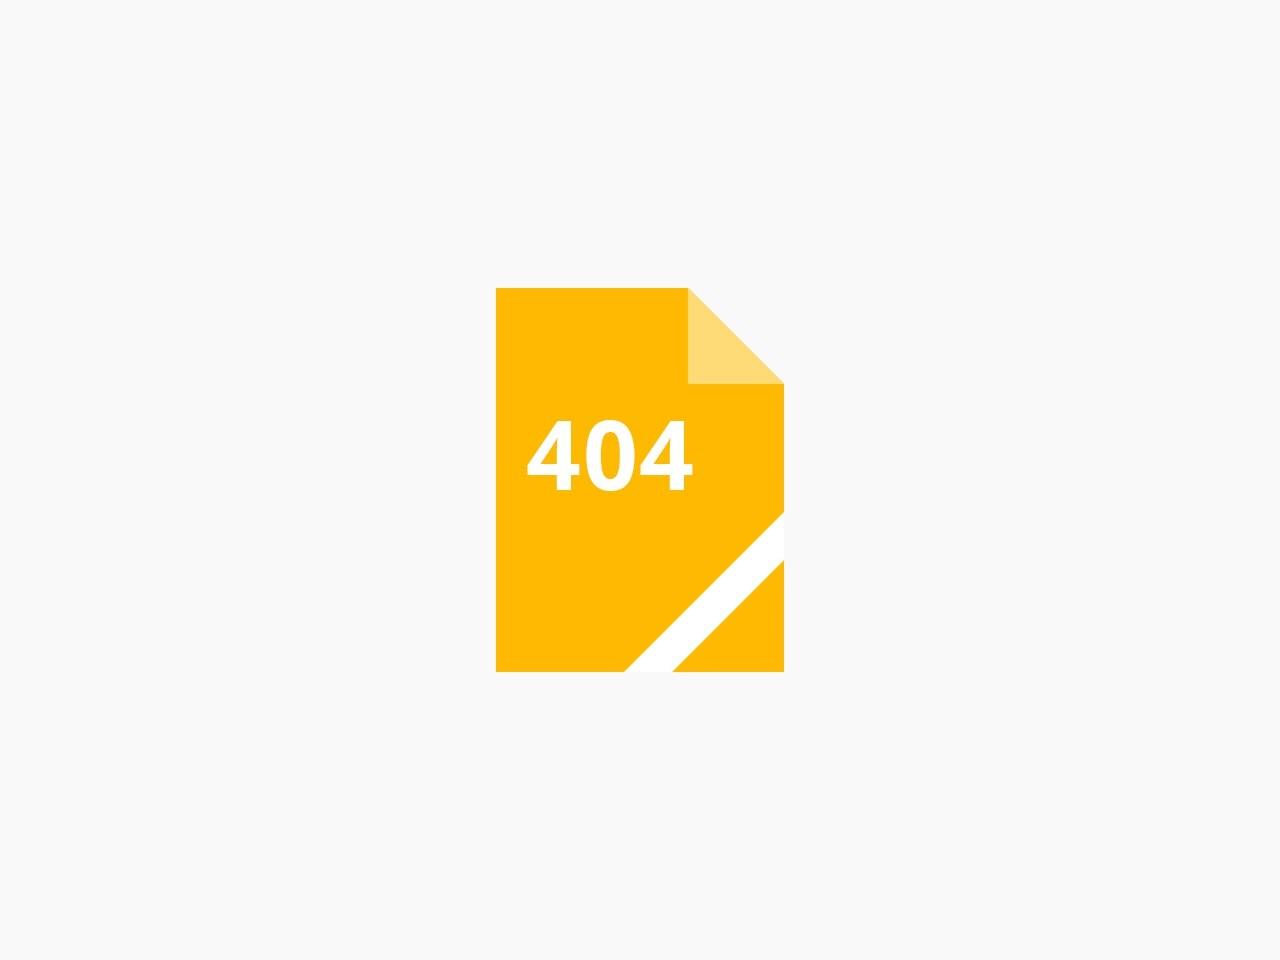 金庸网_最全的金庸小说资料站_金庸武侠小说全集